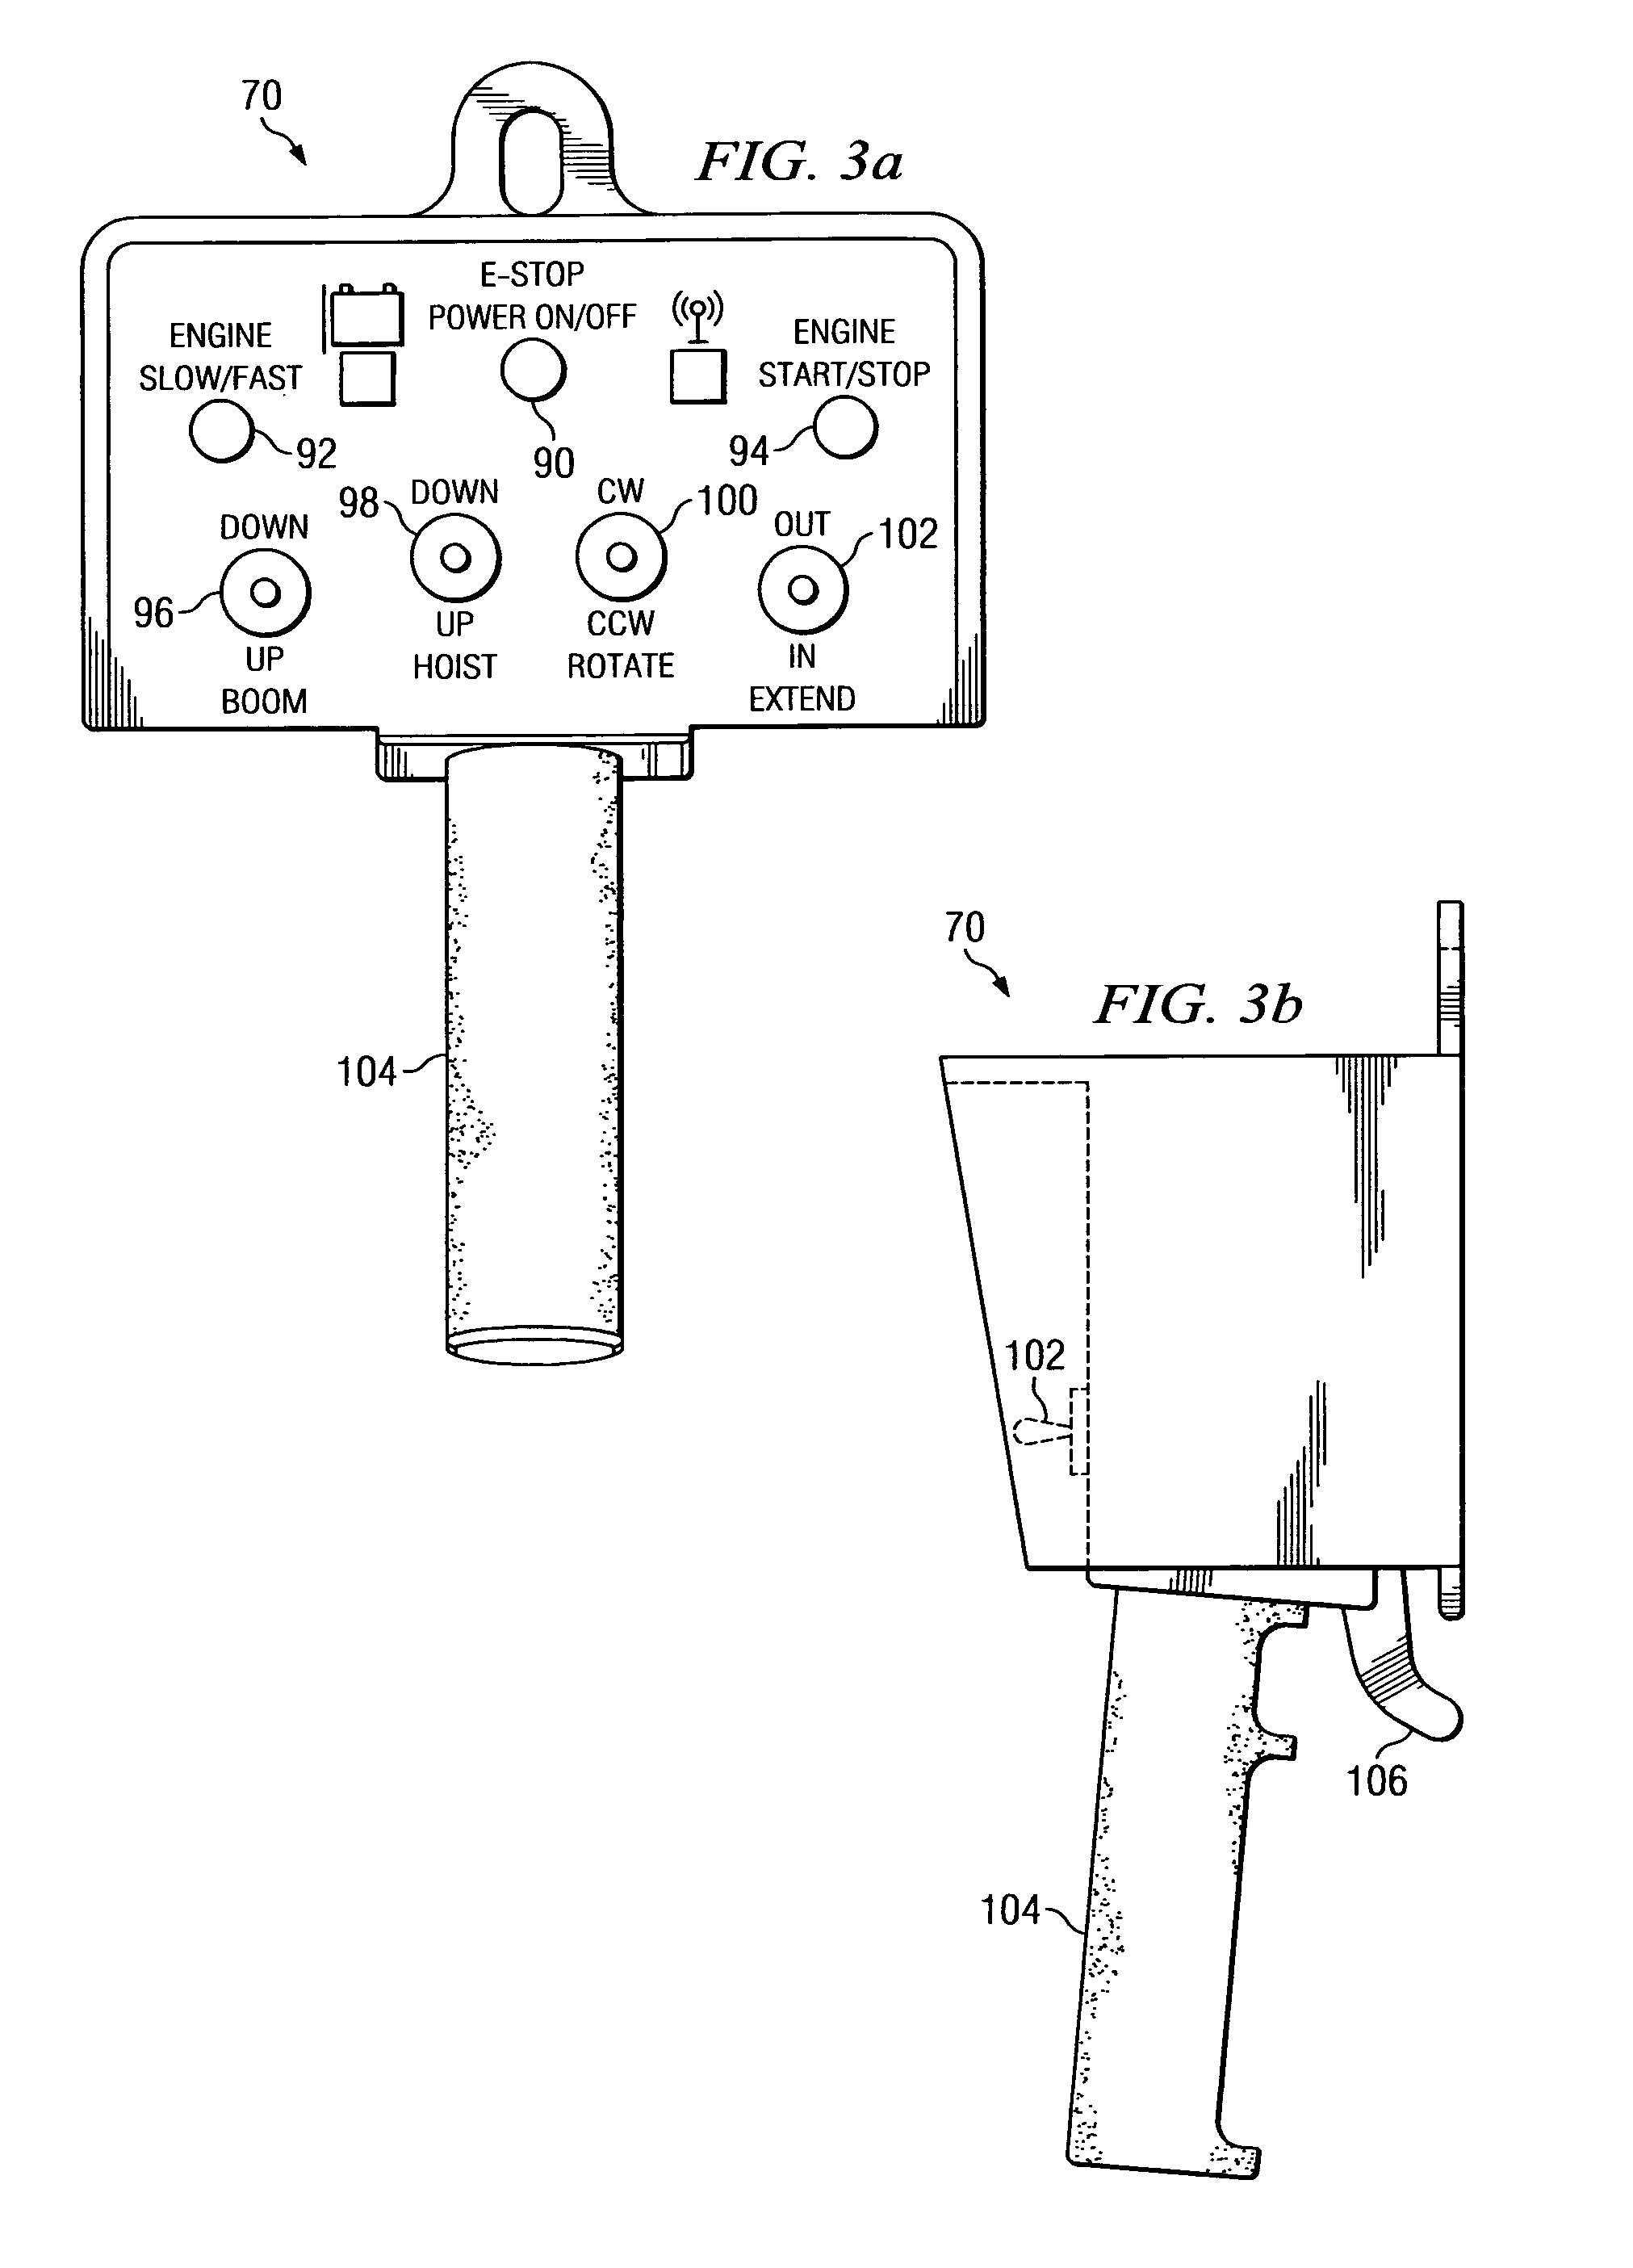 Auto Crane Wiring Diagram : 25 Wiring Diagram Images